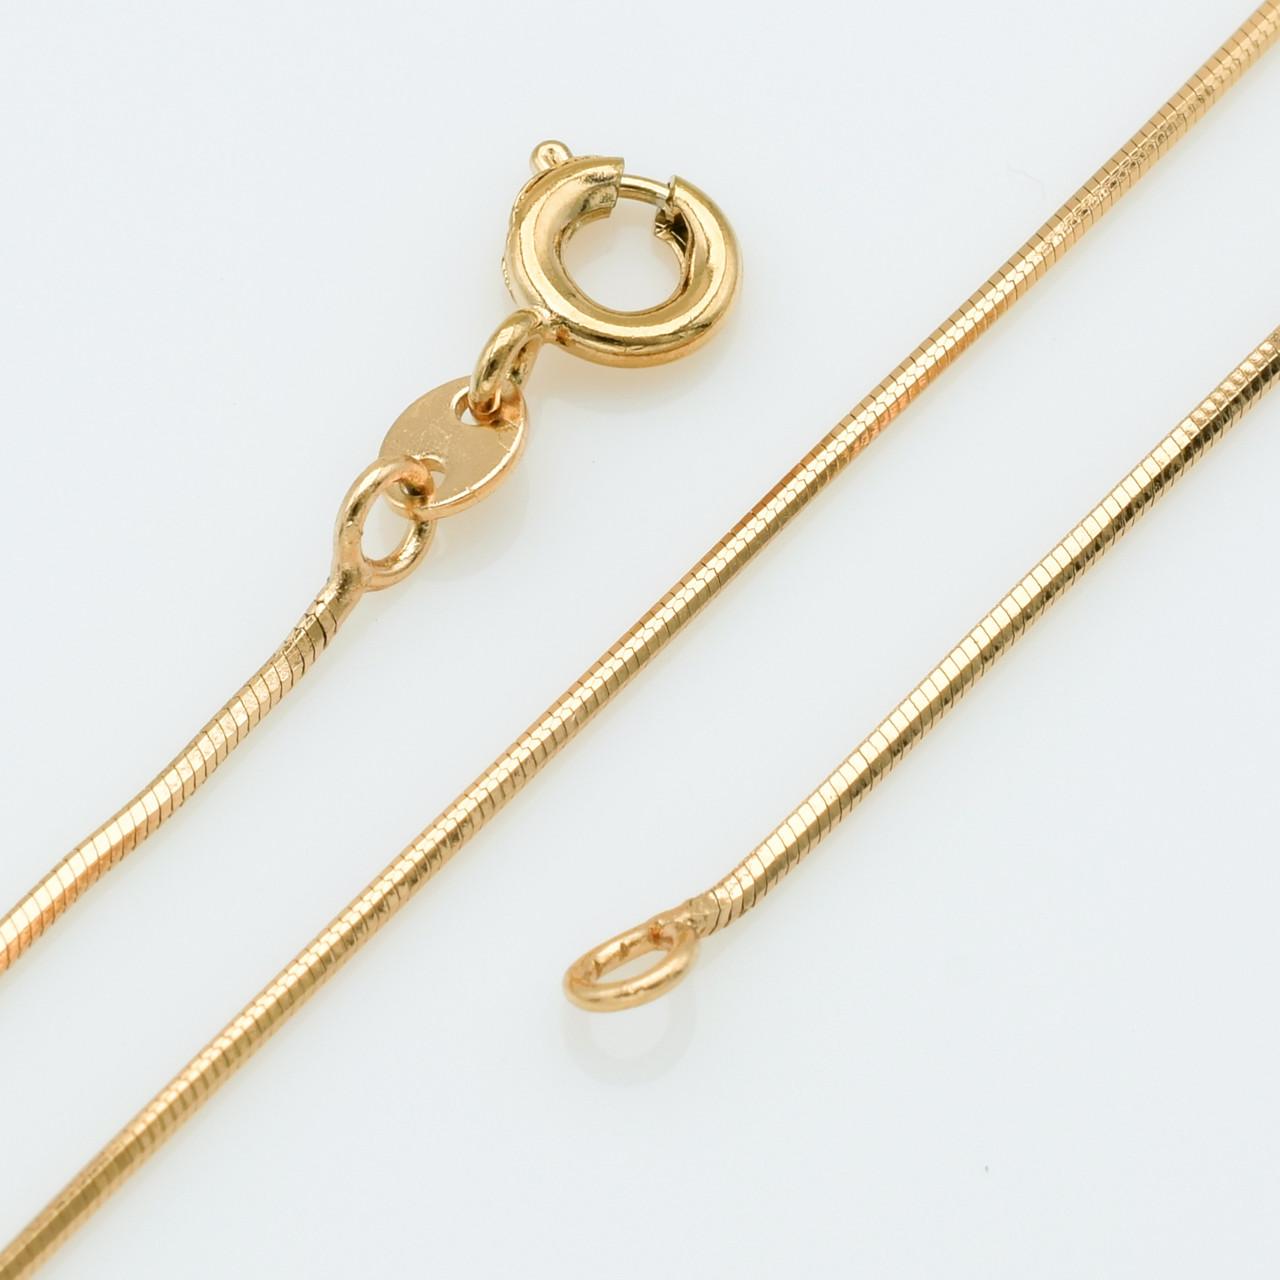 XUPING Цепочка Позолота 18к плетение квадратный ювелирный шнур, Длина 45см, Ширина 0.1см